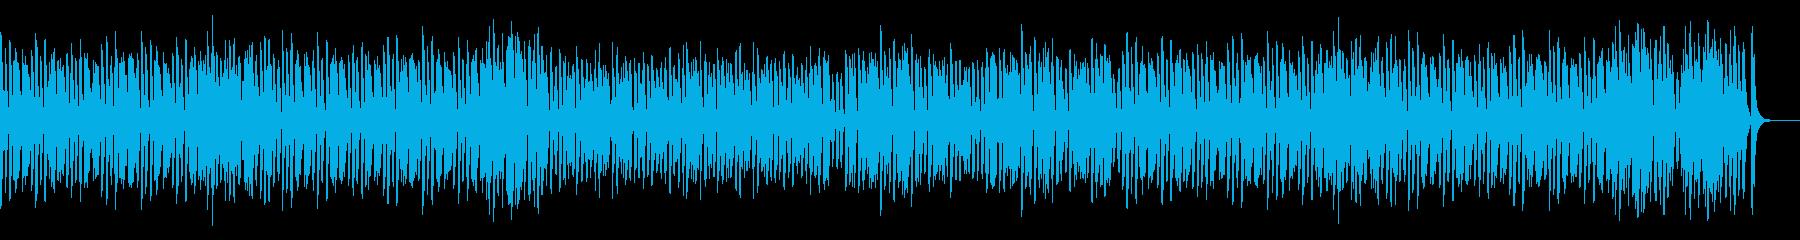 わくわくハッピーなオールドジャズピアノの再生済みの波形